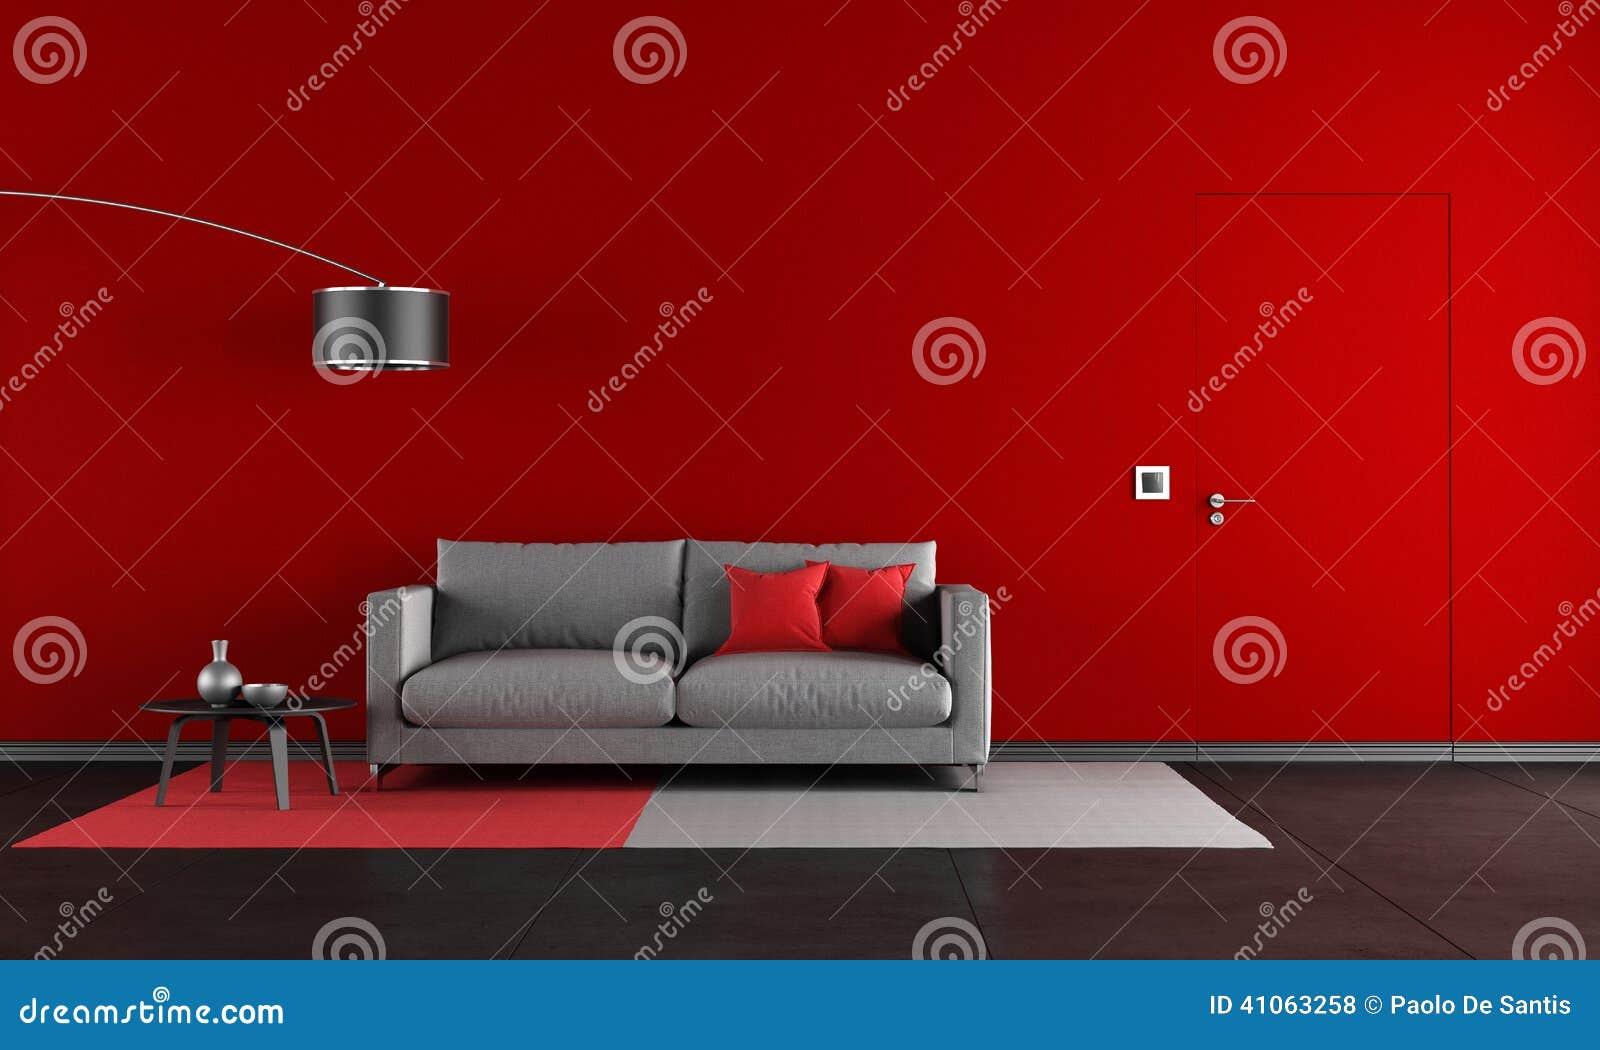 sala de estar roja y negra stock de ilustraci n imagen